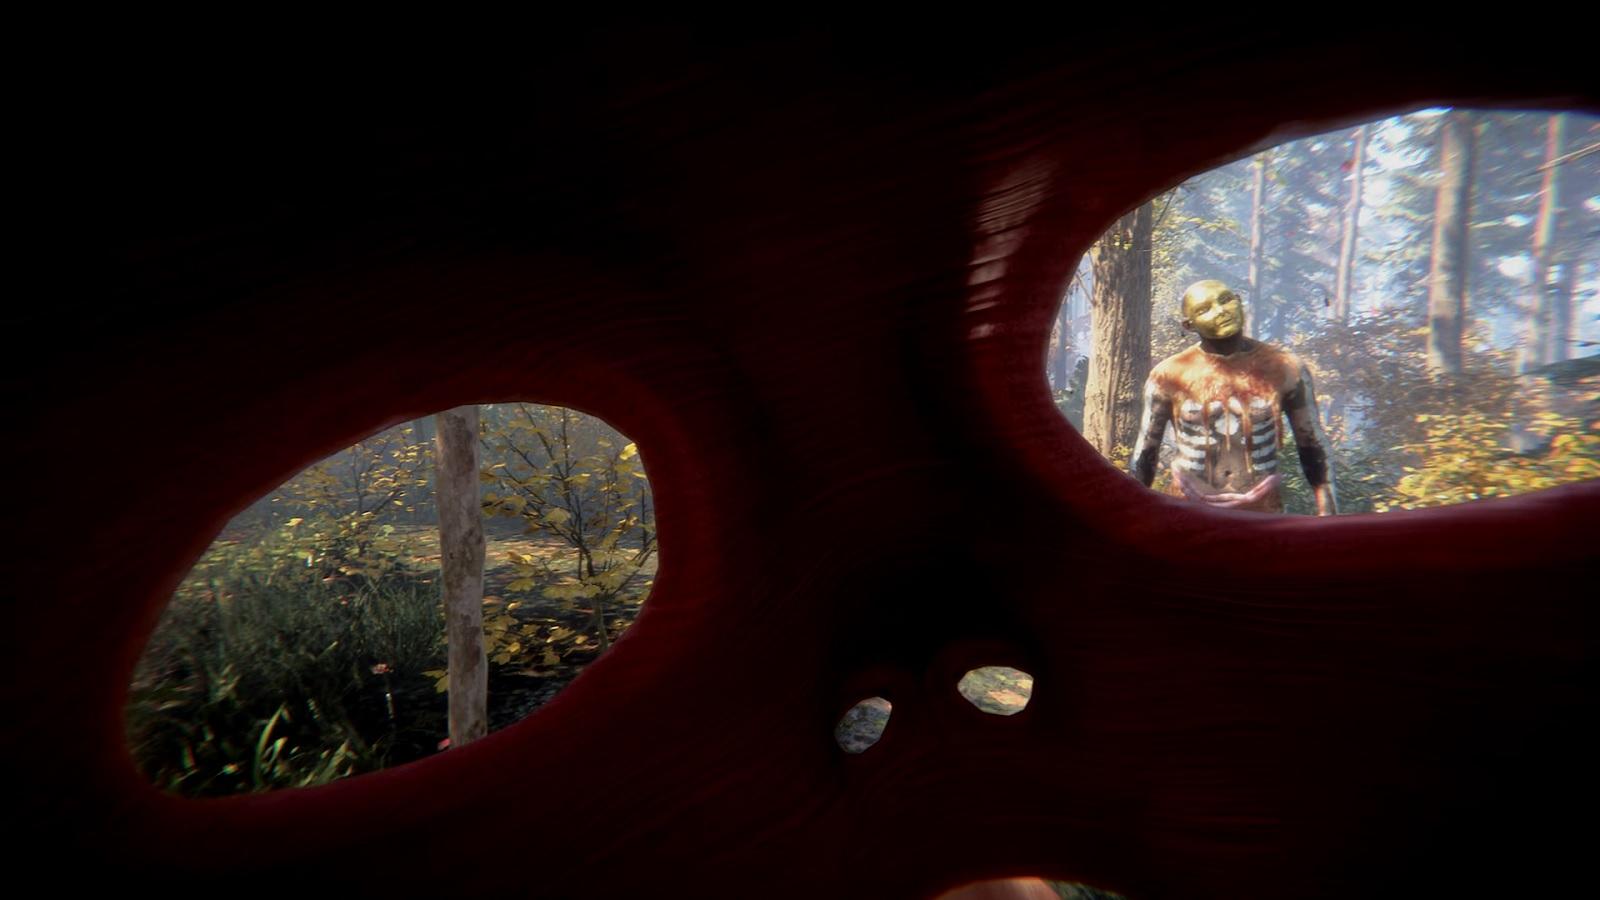 Видео: жутковатые монстры и сроки выхода во втором официальном трейлере Sons of the Forest